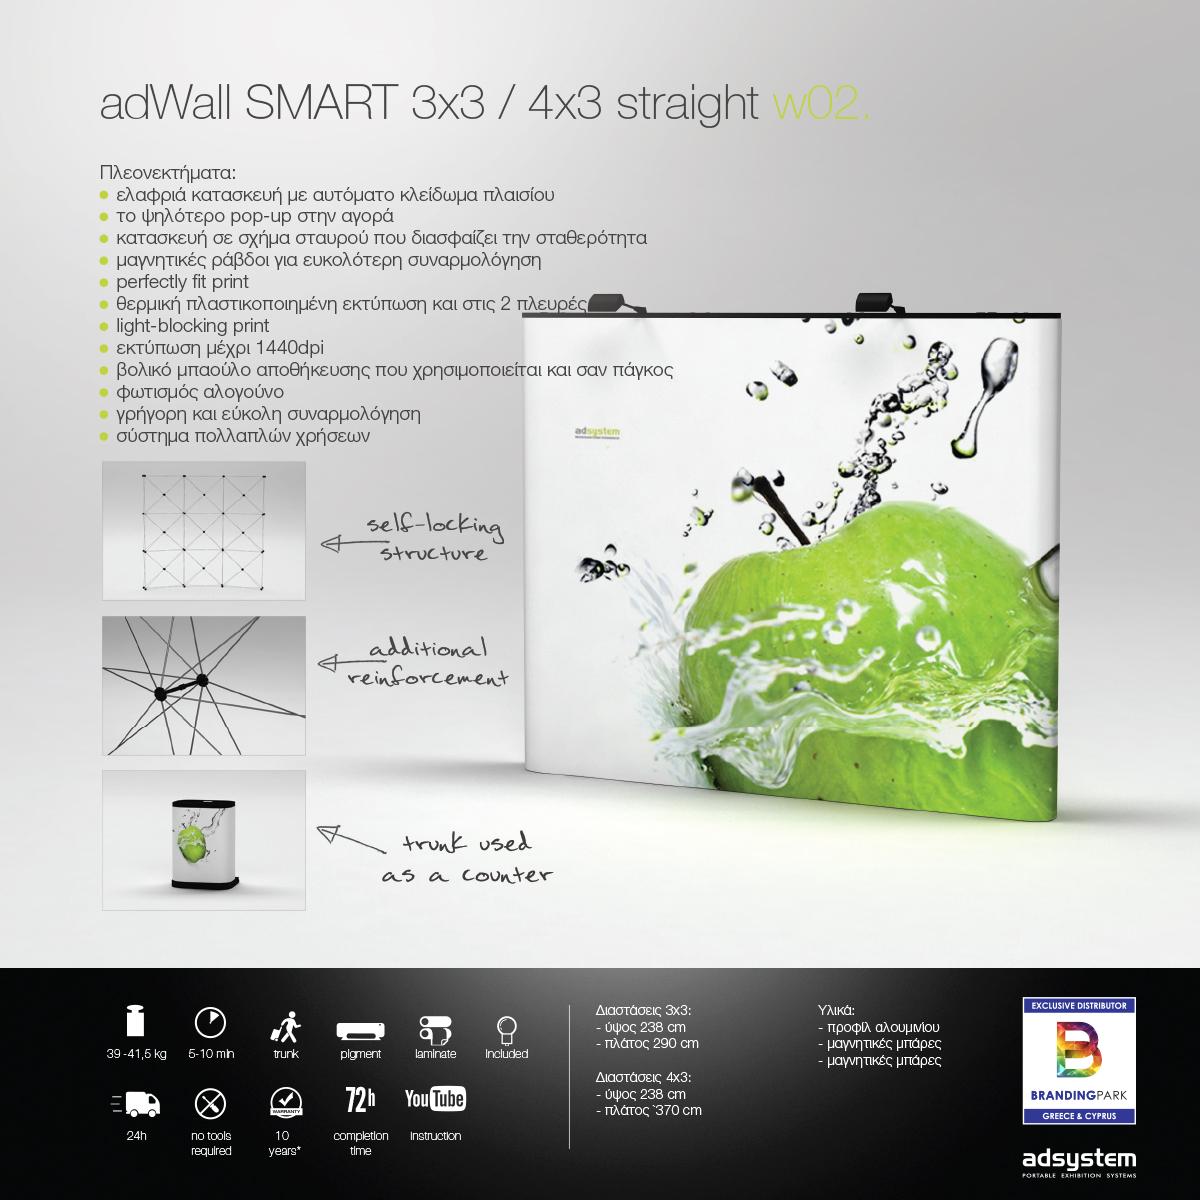 Σύστημα Αράχνης adWall SMART 3x3 / 4x4 STRAIGHT w02